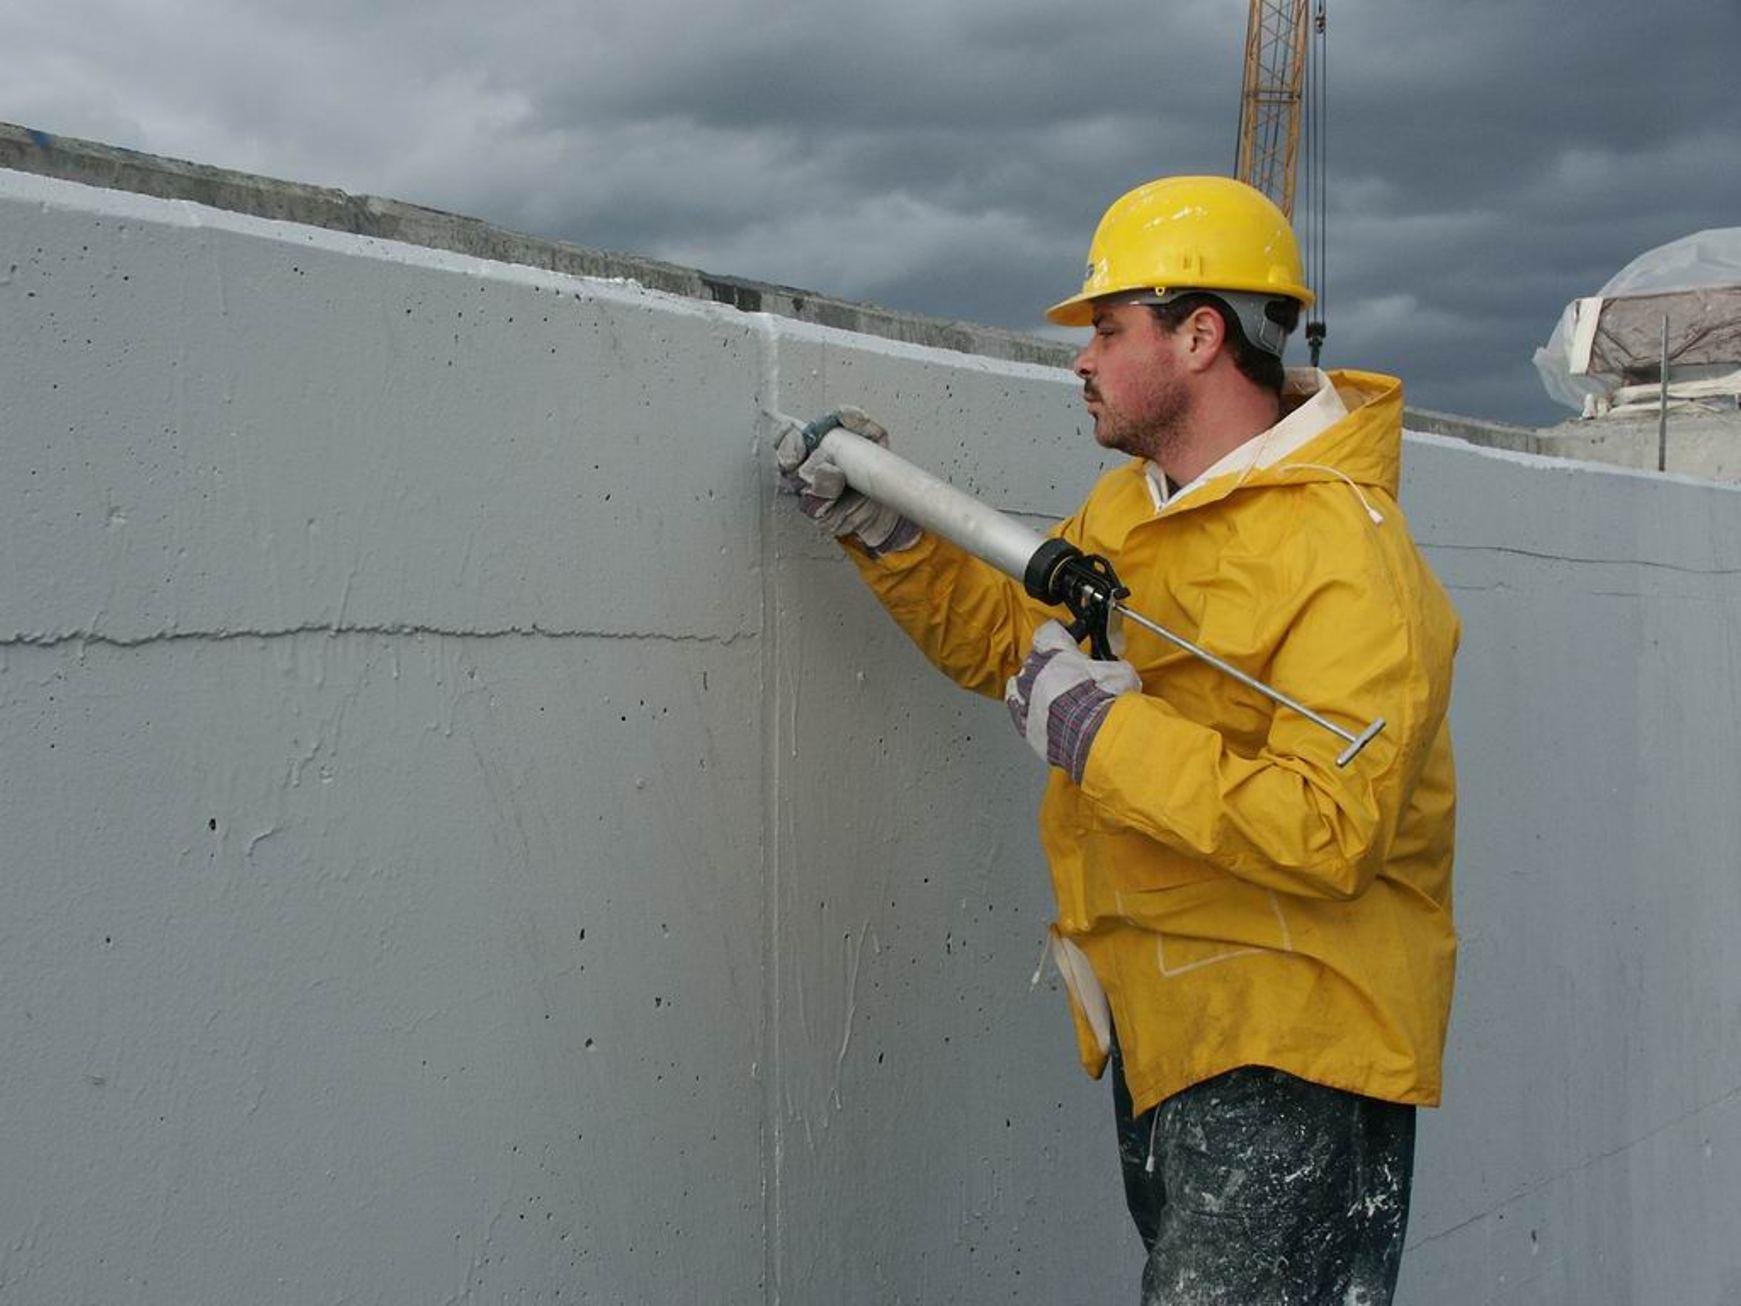 Герметик для заделки трещин в бетоне